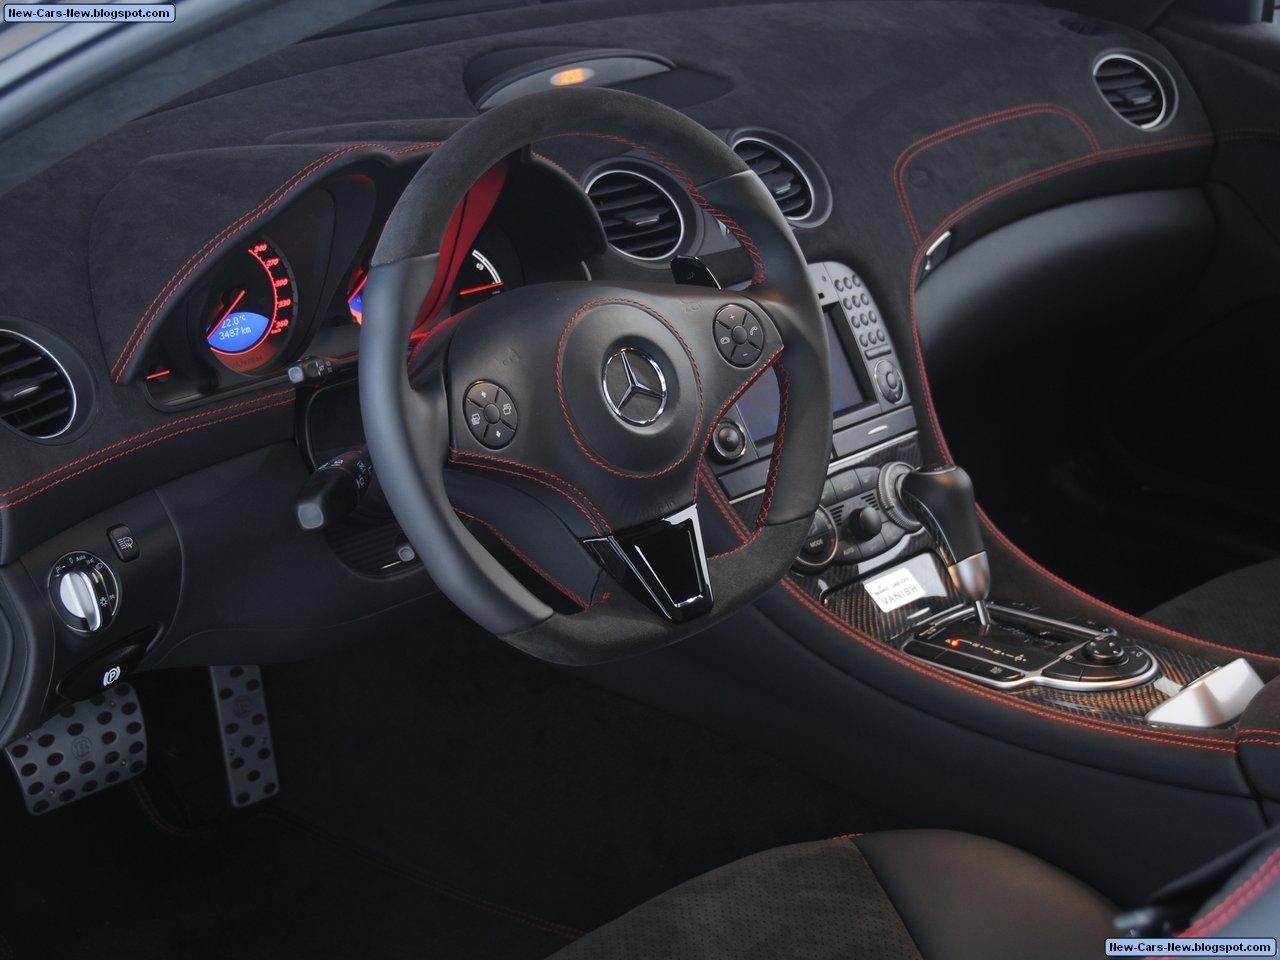 http://1.bp.blogspot.com/_U4w592tUDHM/TCBmwvsgFiI/AAAAAAAACKo/GRVpc7eAfcQ/s1600/Brabus-Mercedes-Benz_SL65_AMG_Black_Series_2010_1280x960_wallpaper_05.jpg